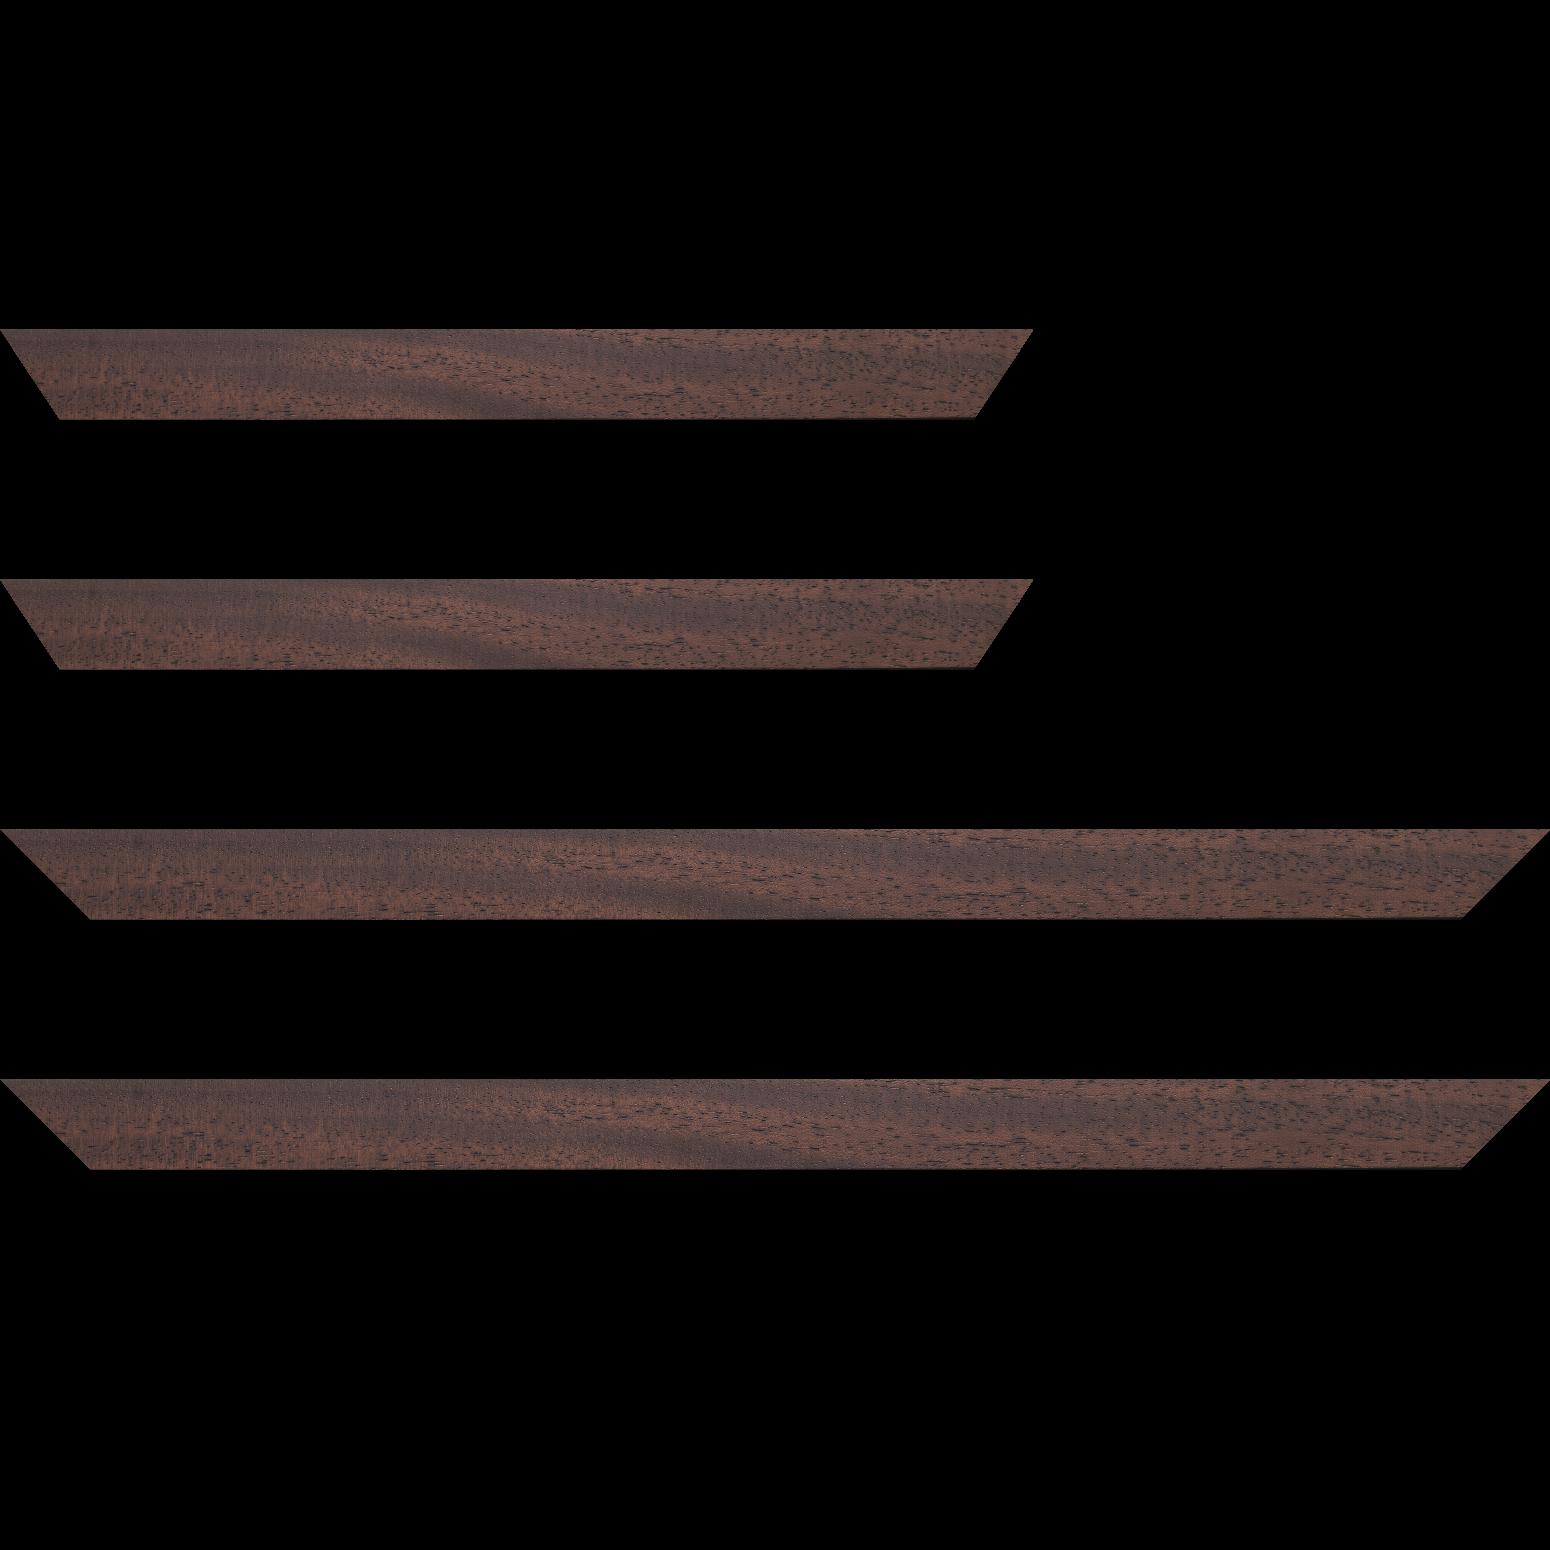 Baguette service précoupé Bois profil plat largeur 3cm couleur marron foncé satiné